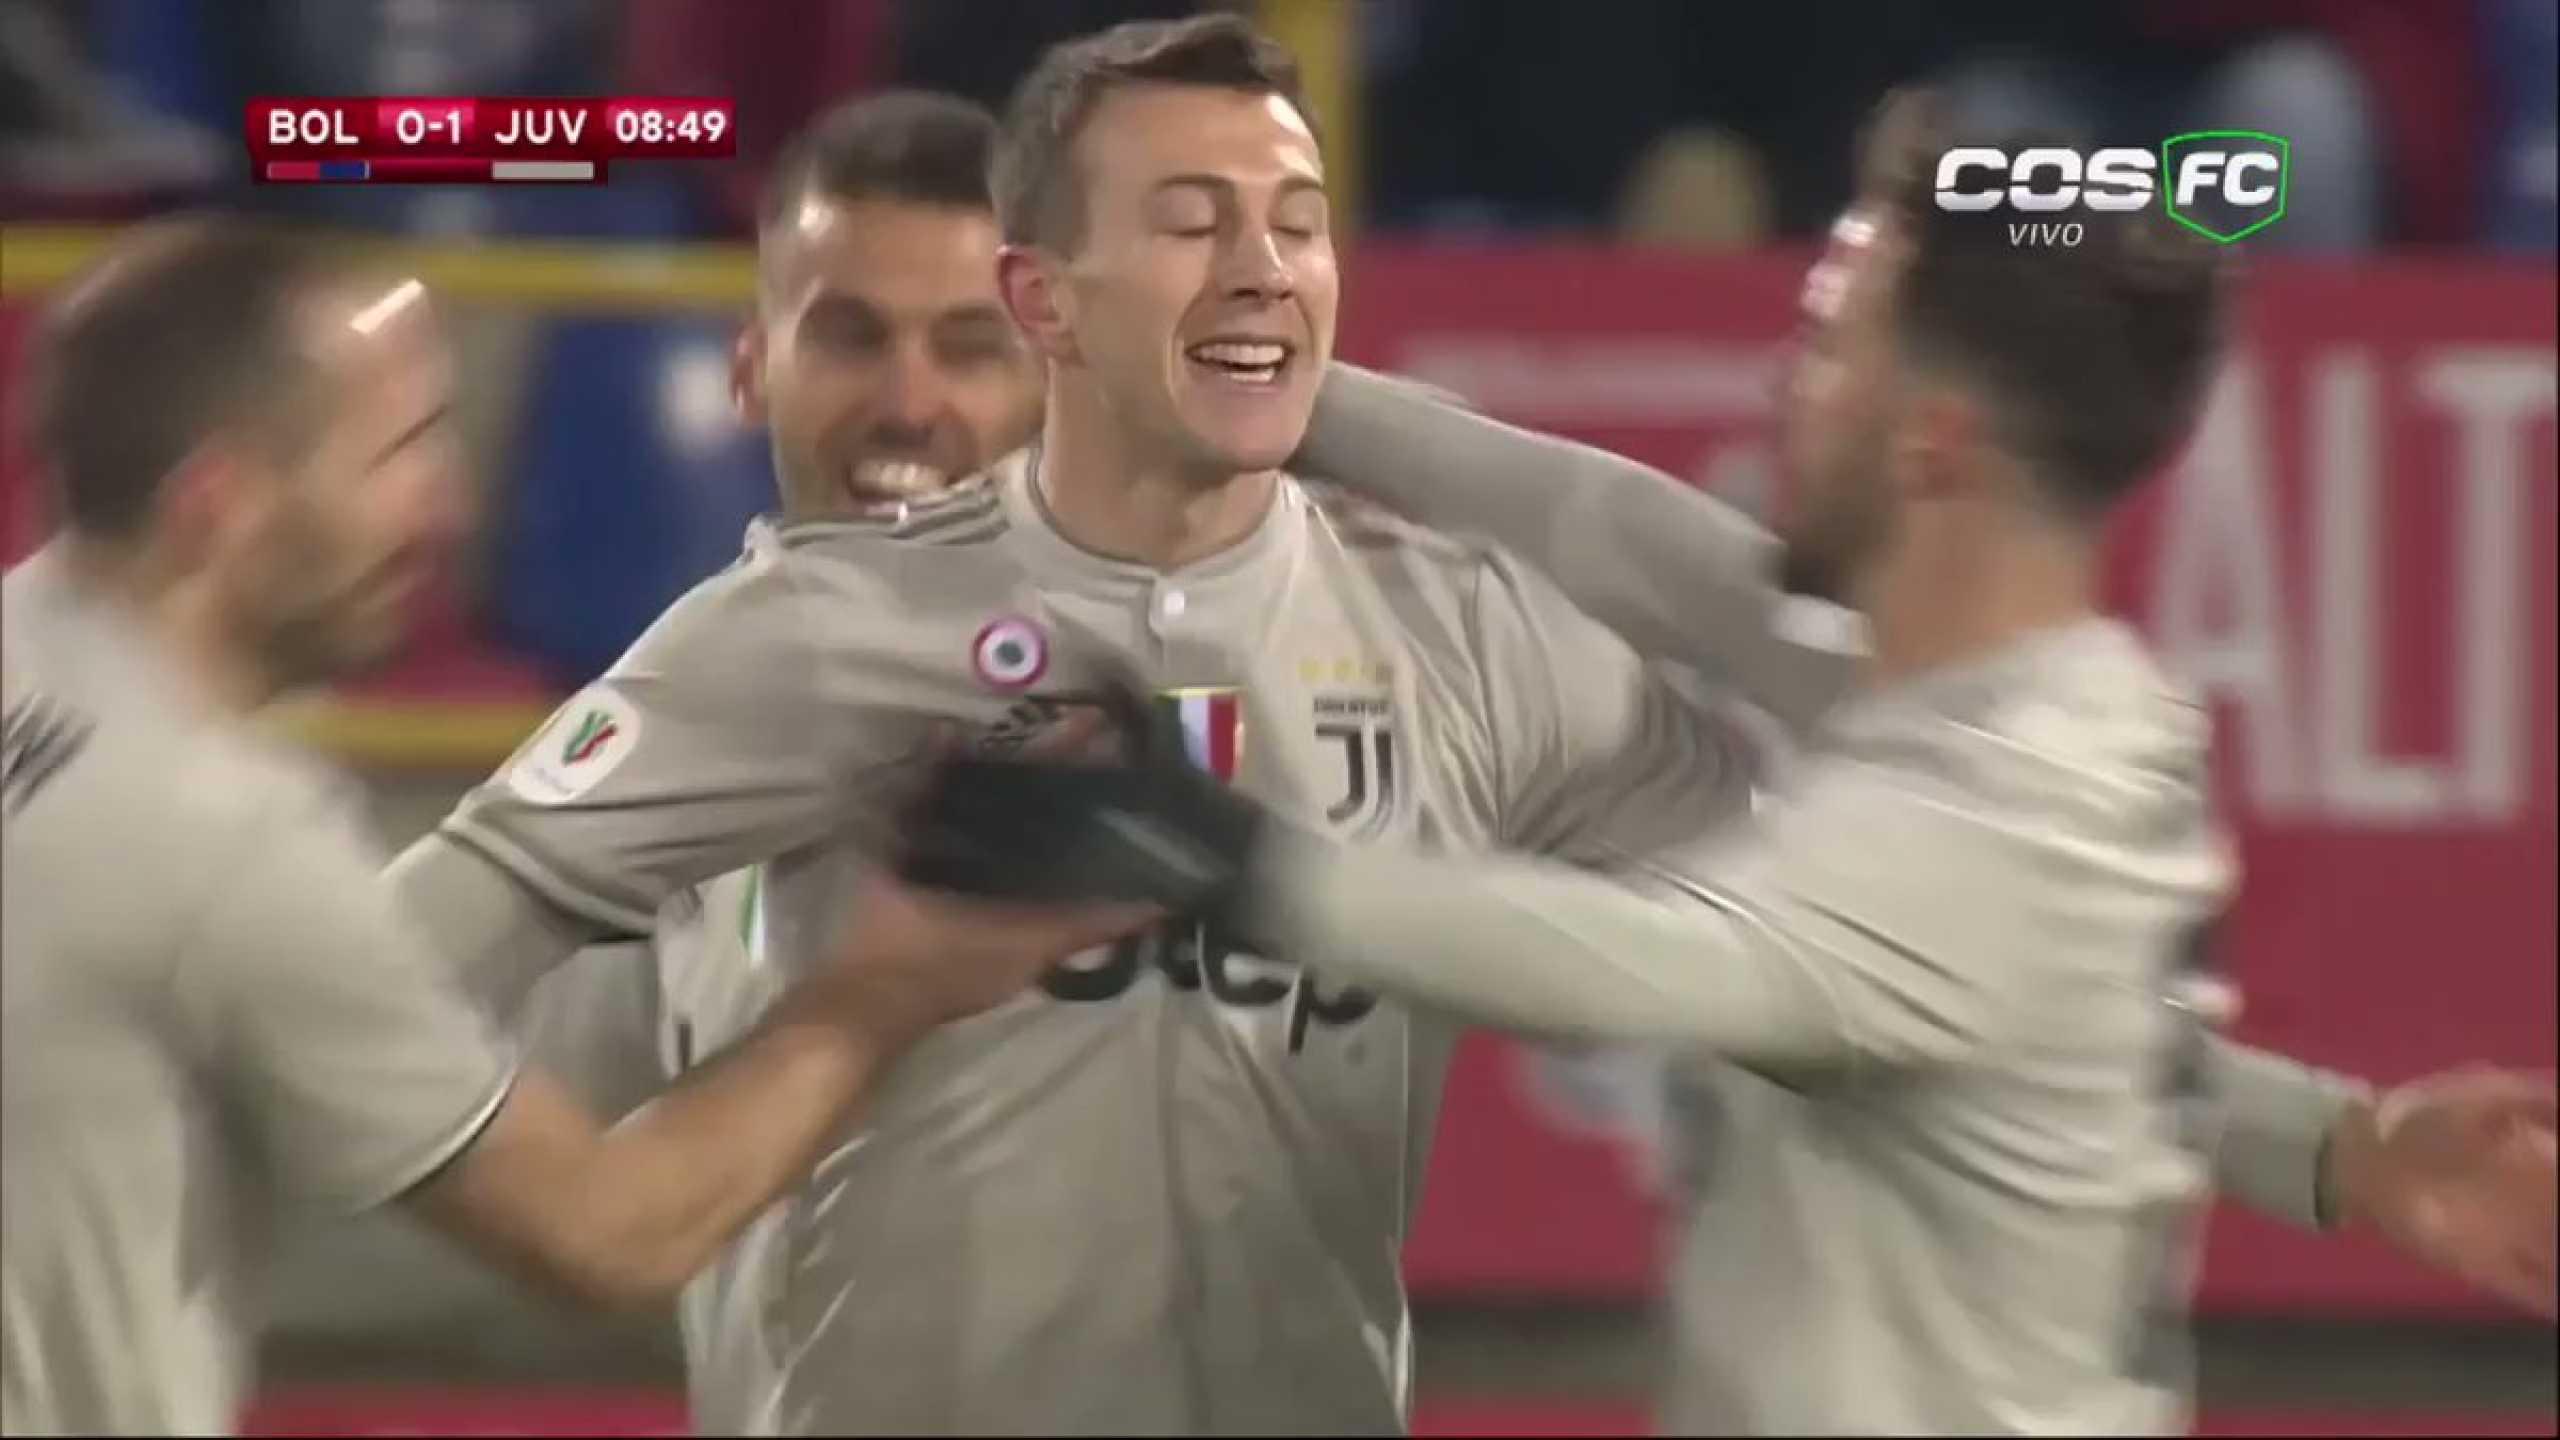 Choque 'anedótico' resultou no primeiro golo da Juve frente ao Bolonha